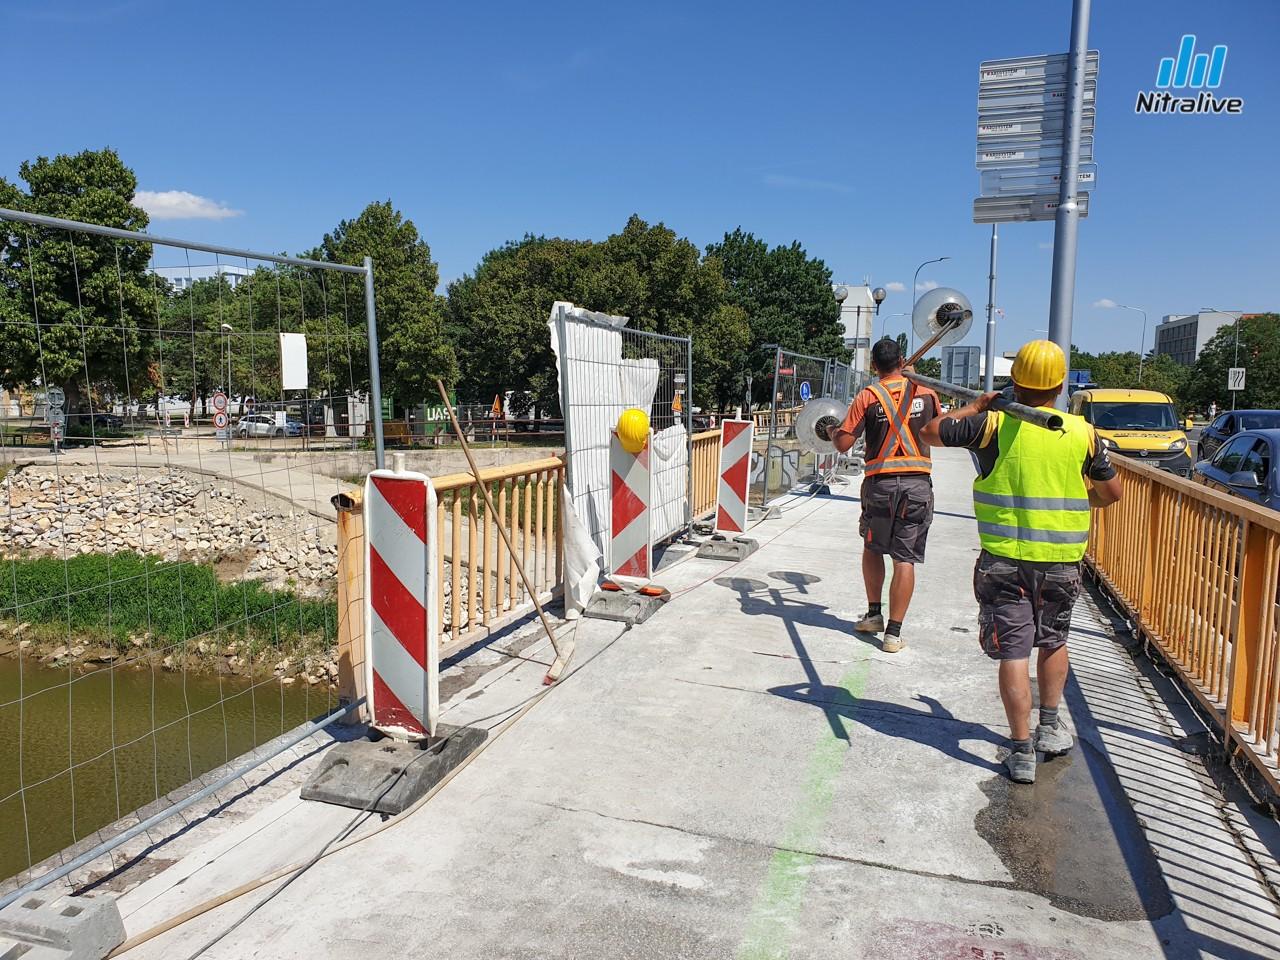 4794fa879 Rekonštrukcia Univerzitného mosta aktuálne + informácie o uzávierke (4. júl  2019)